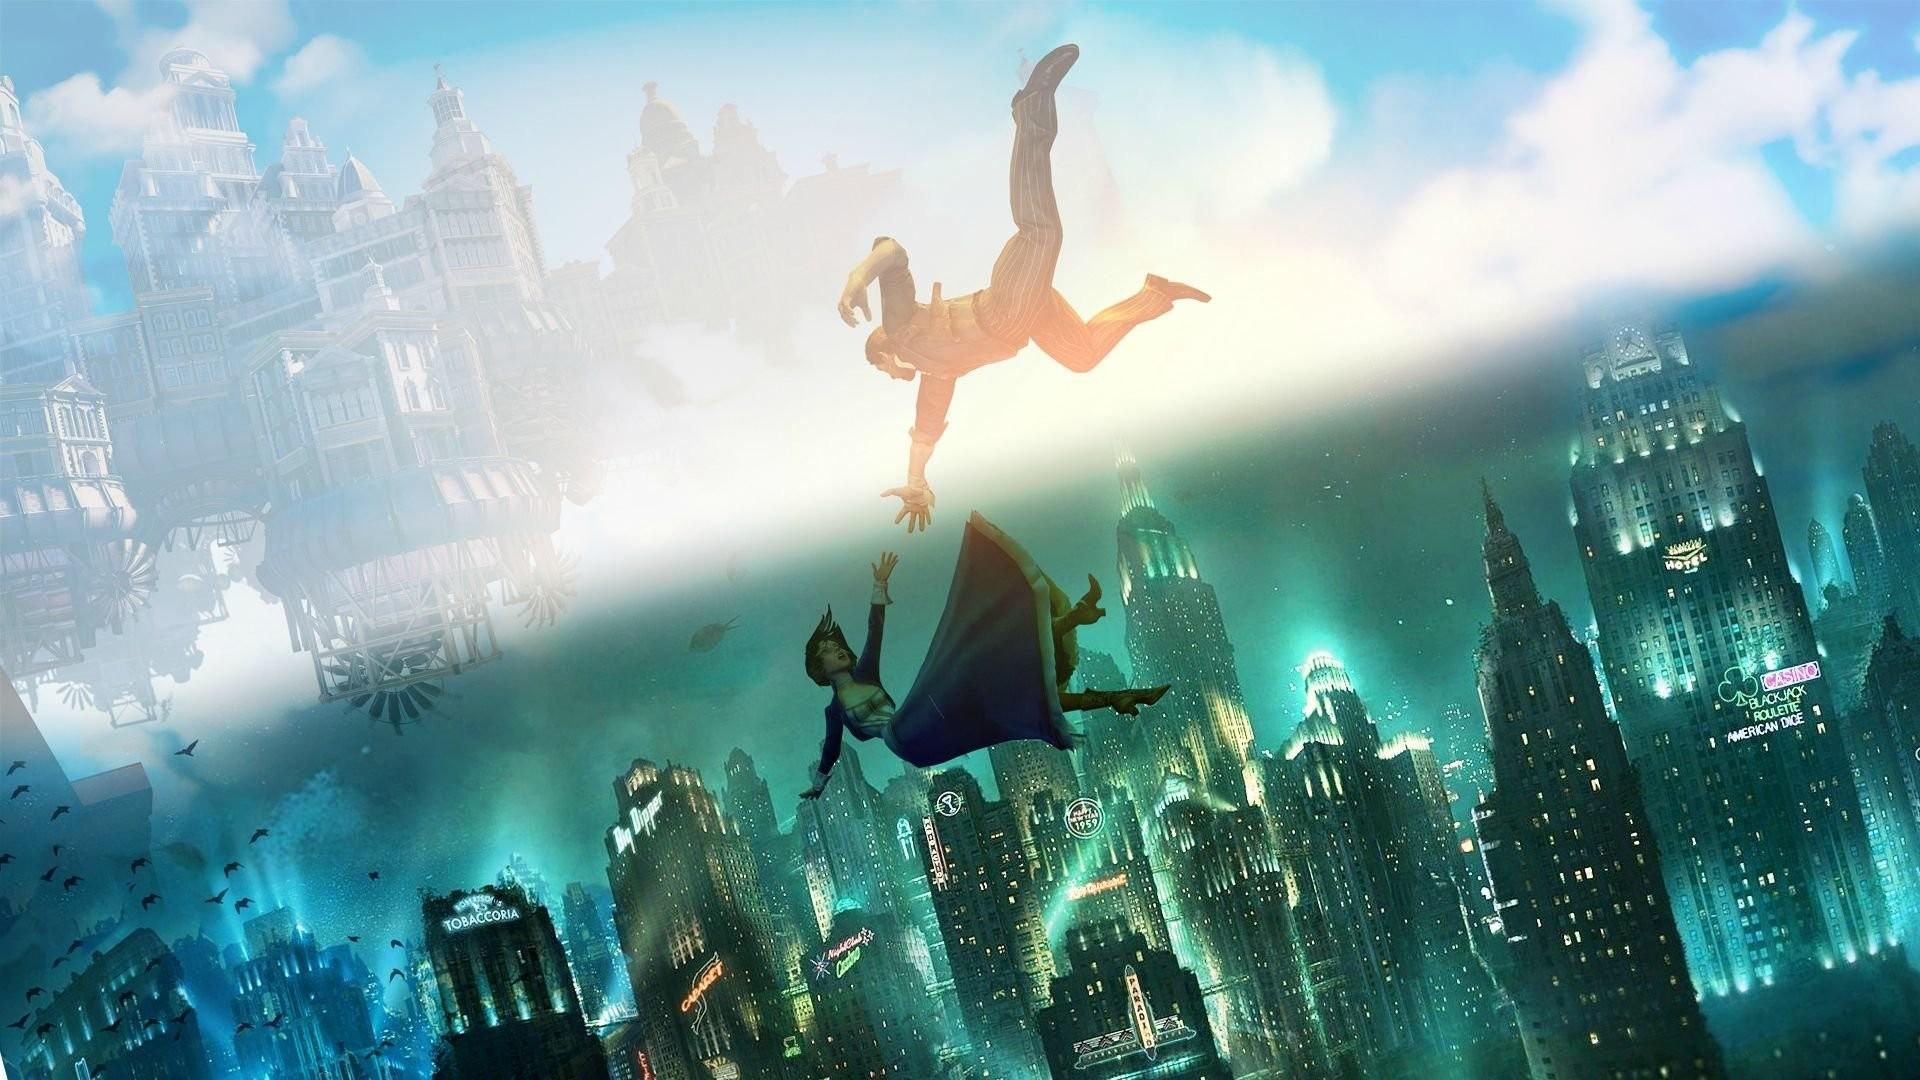 Владелец серии GTA отложил две своих неназванных игры одной из них может быть BioShock 4